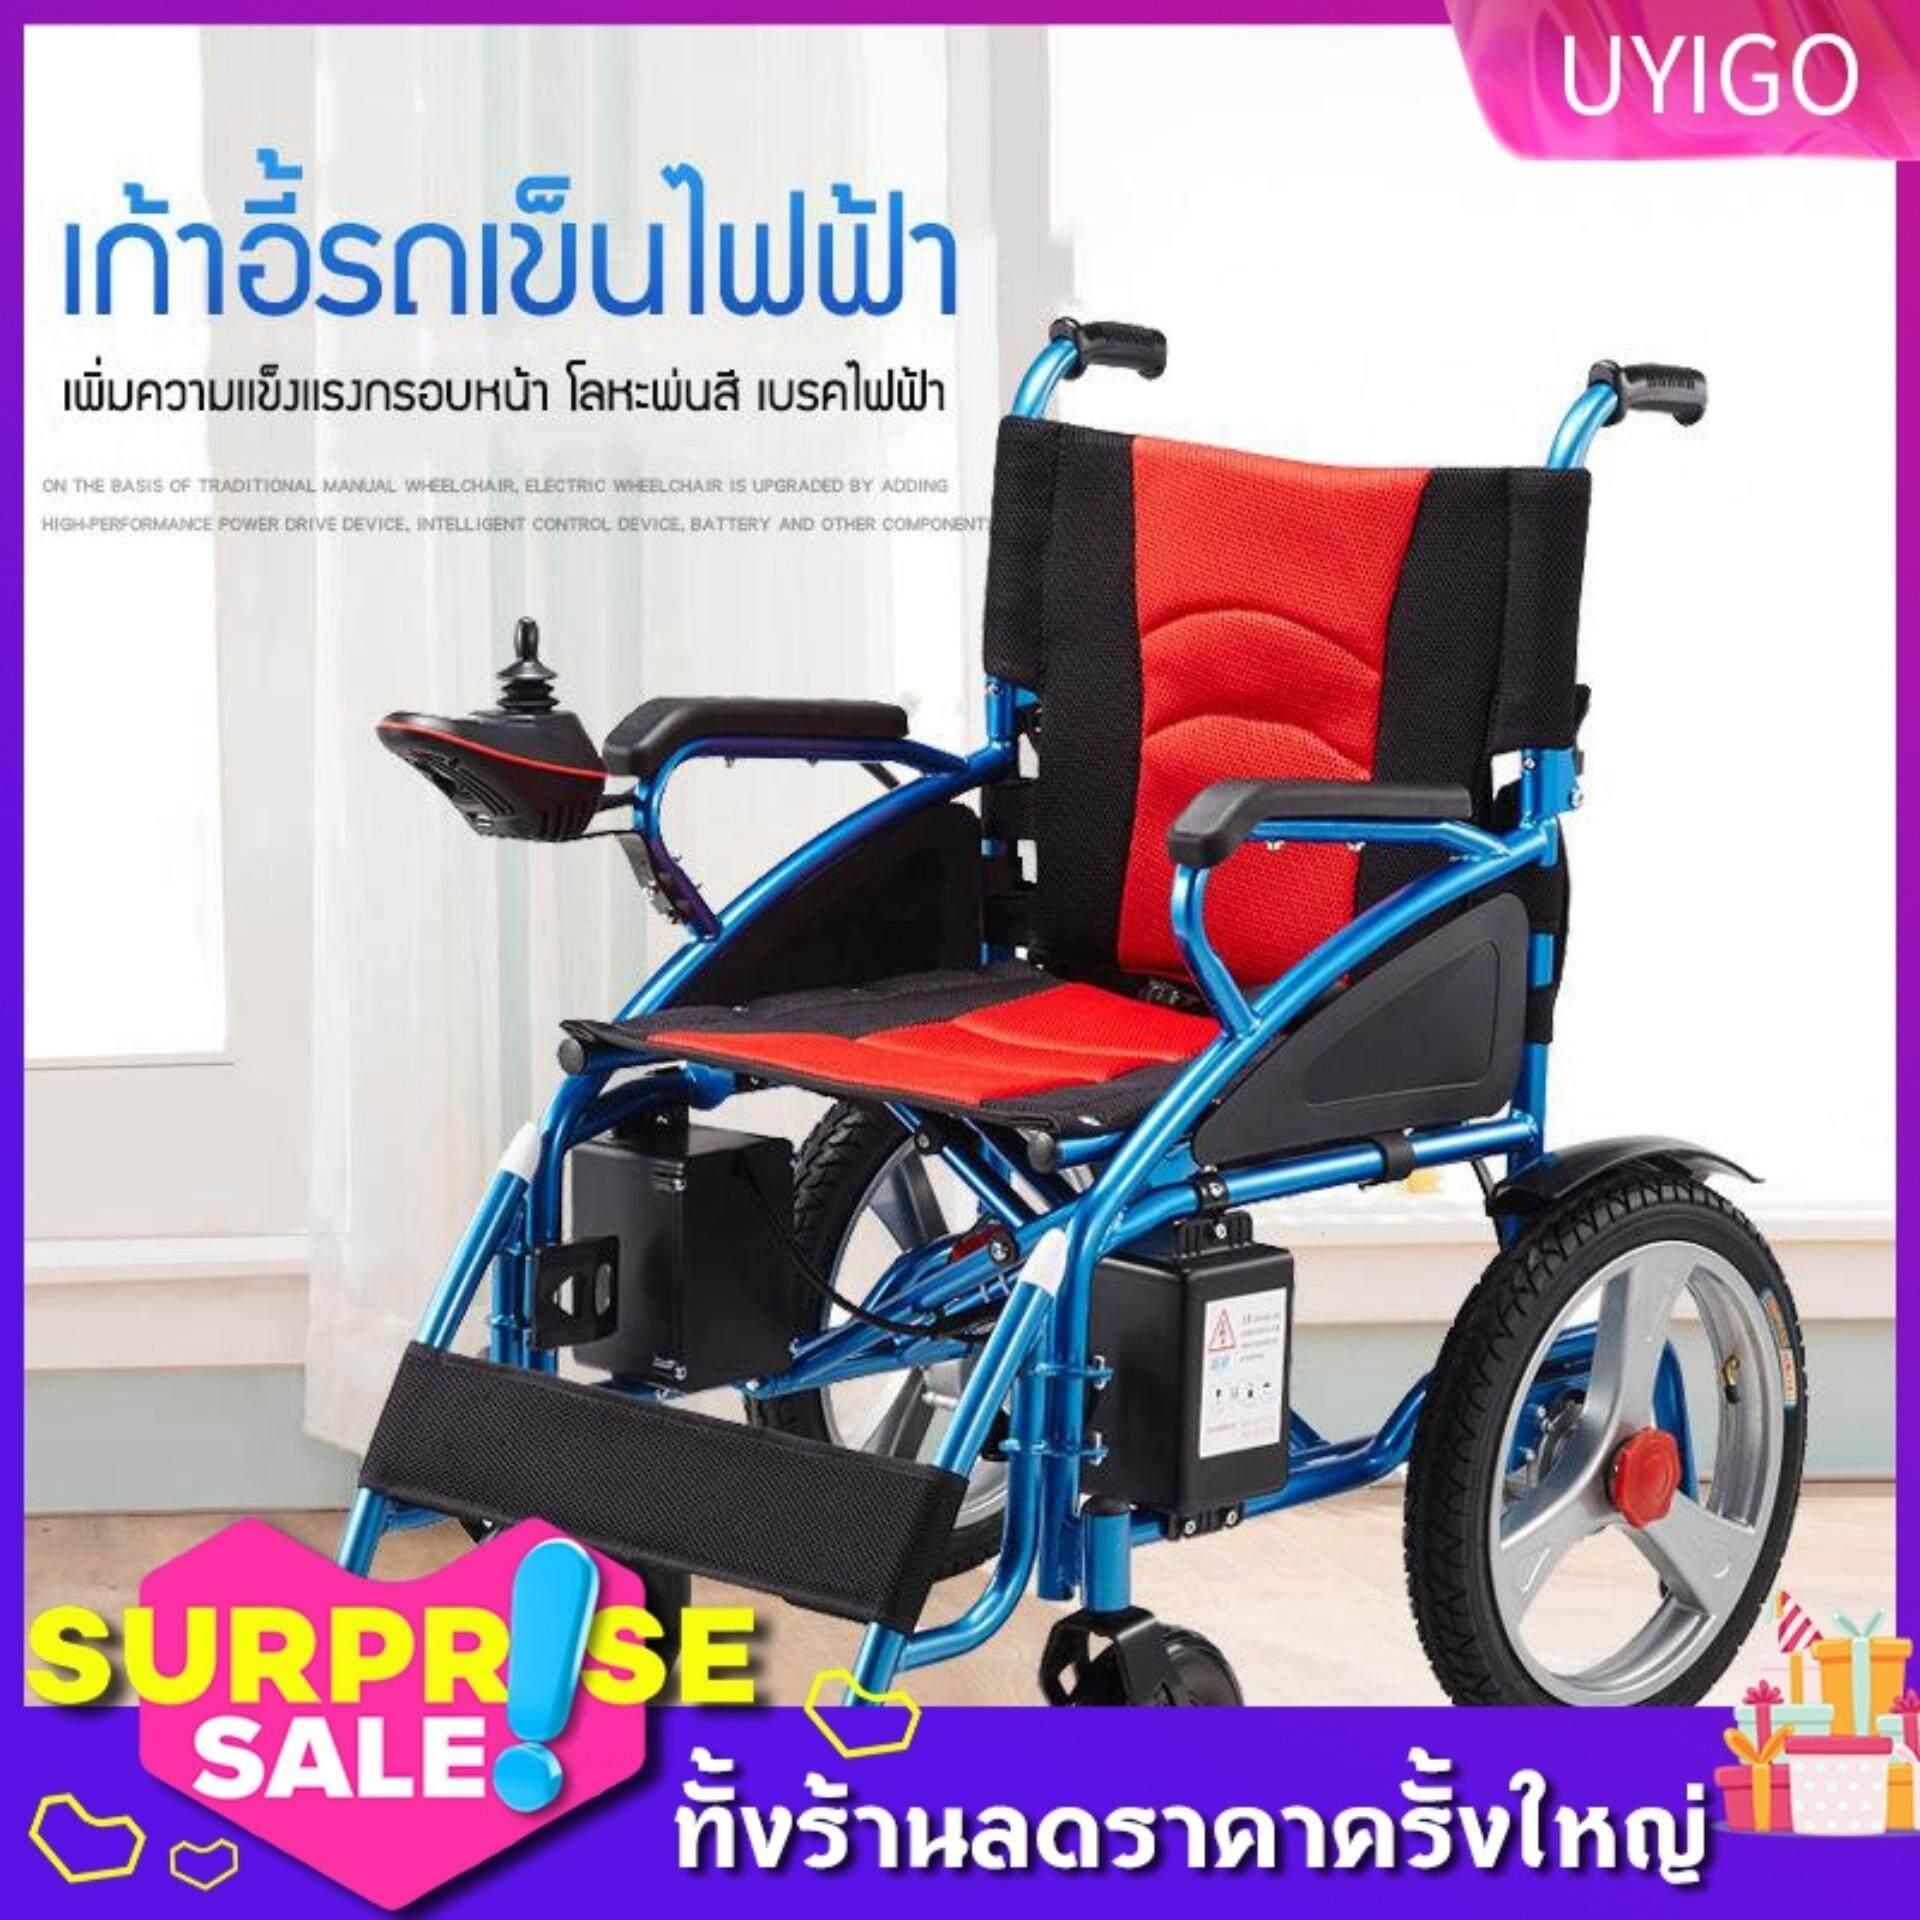 ขายดีมาก! เก้าอี้รถเข็นไฟฟ้า Wheelchair รถเข็นผู้ป่วย รถเข็นผู้สูงอายุ มือคอนโทรลได้ มีเบรคมือ ล้อหนา แข็งเเรง ปลอดภัย แบต2ก้อน UYIGO